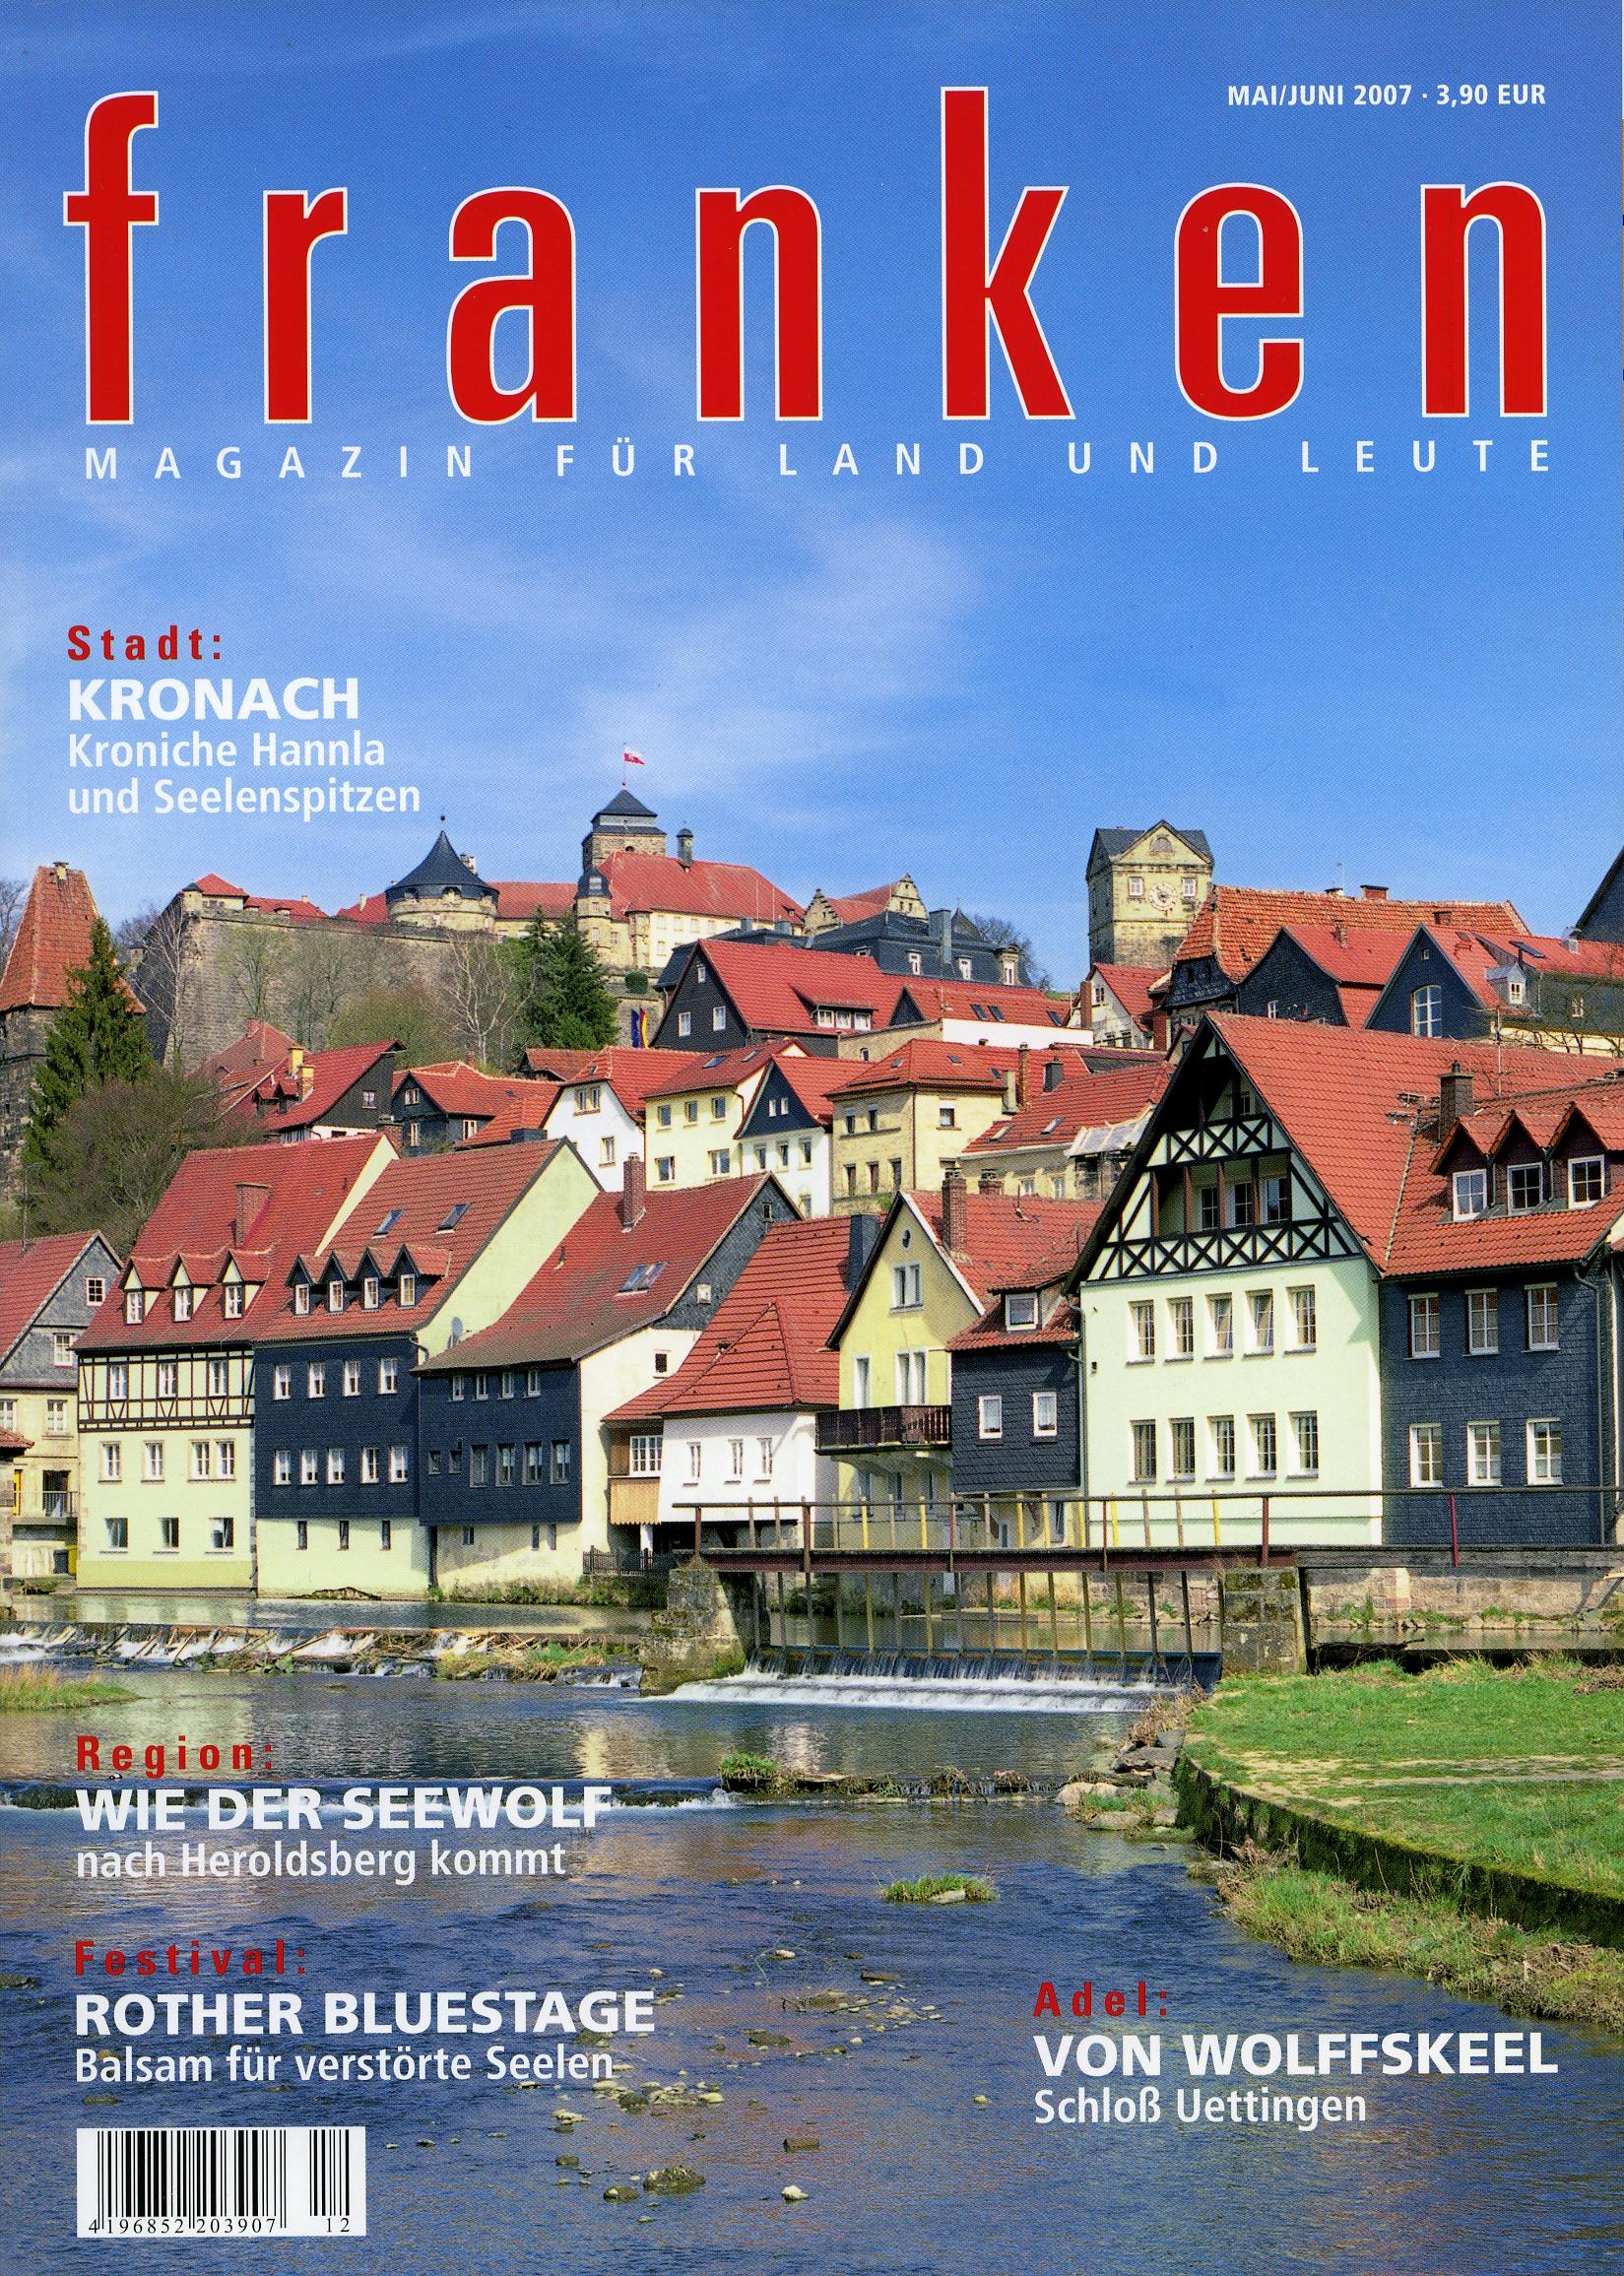 Franken-Magazin Mai / Juni 2007